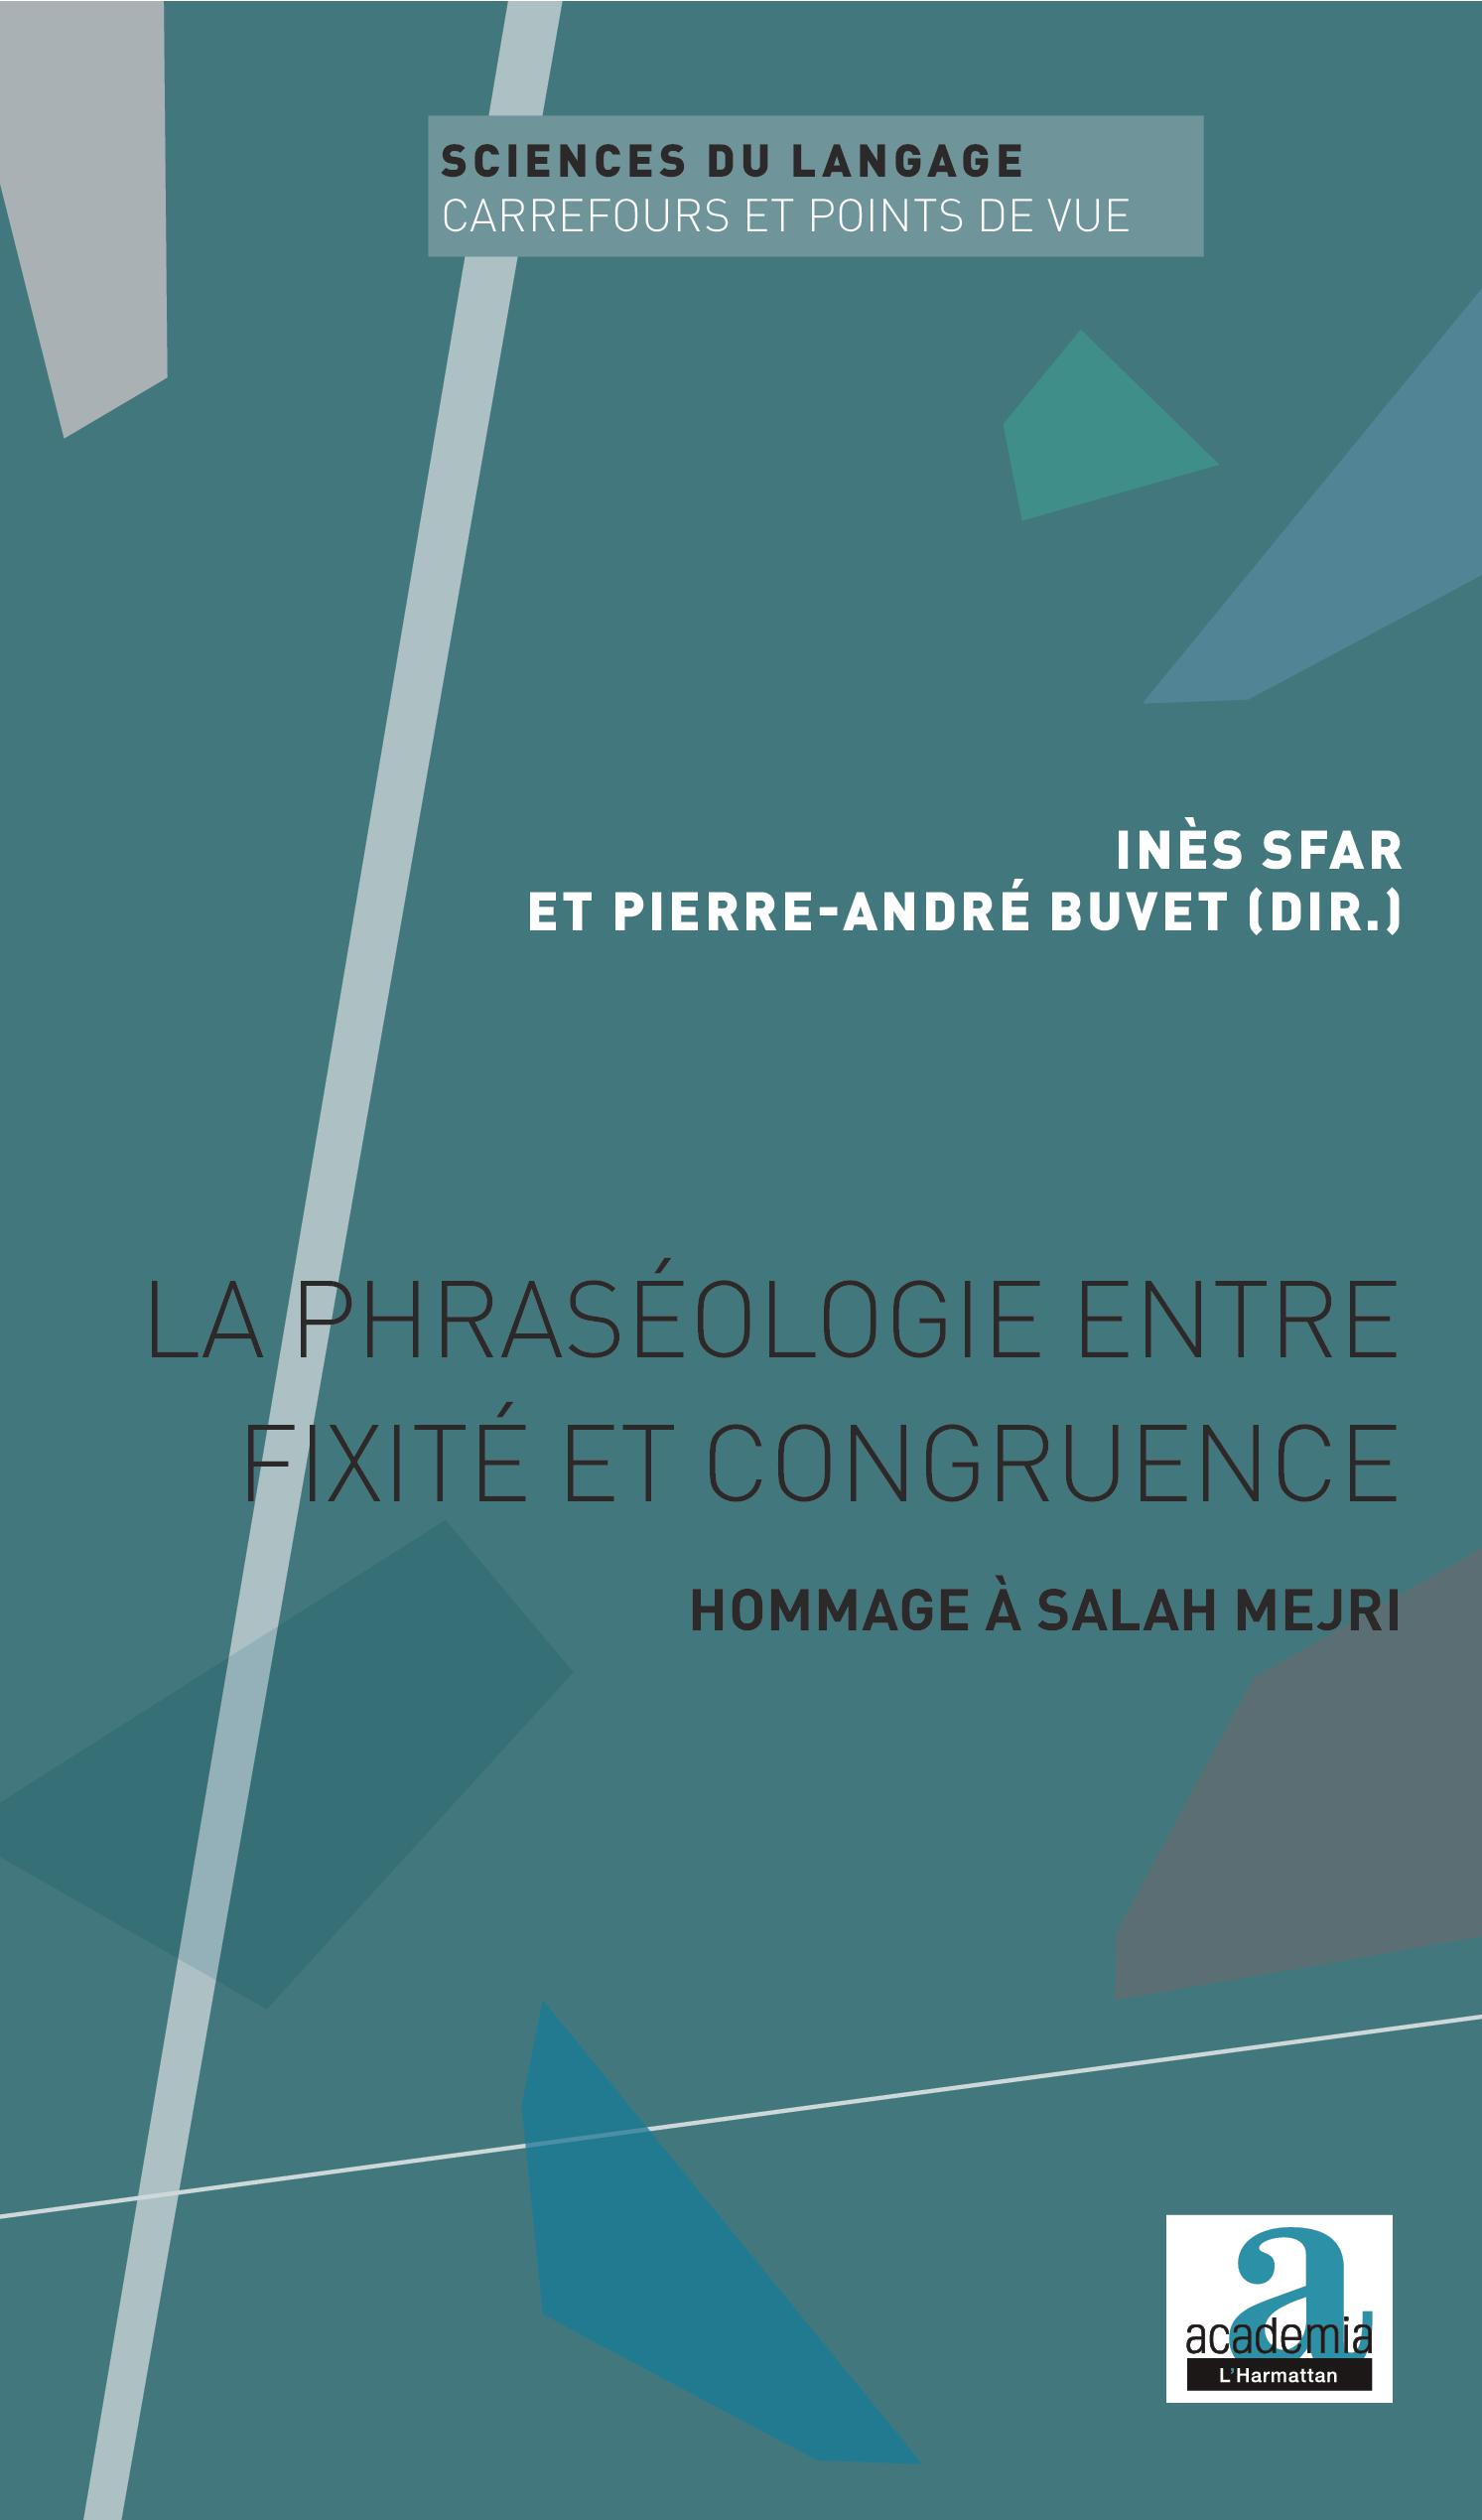 I. Sfar, p.-A. Buvet (dir.), La phraséologie entre fixité et congruence. Hommage à Salah Mejri